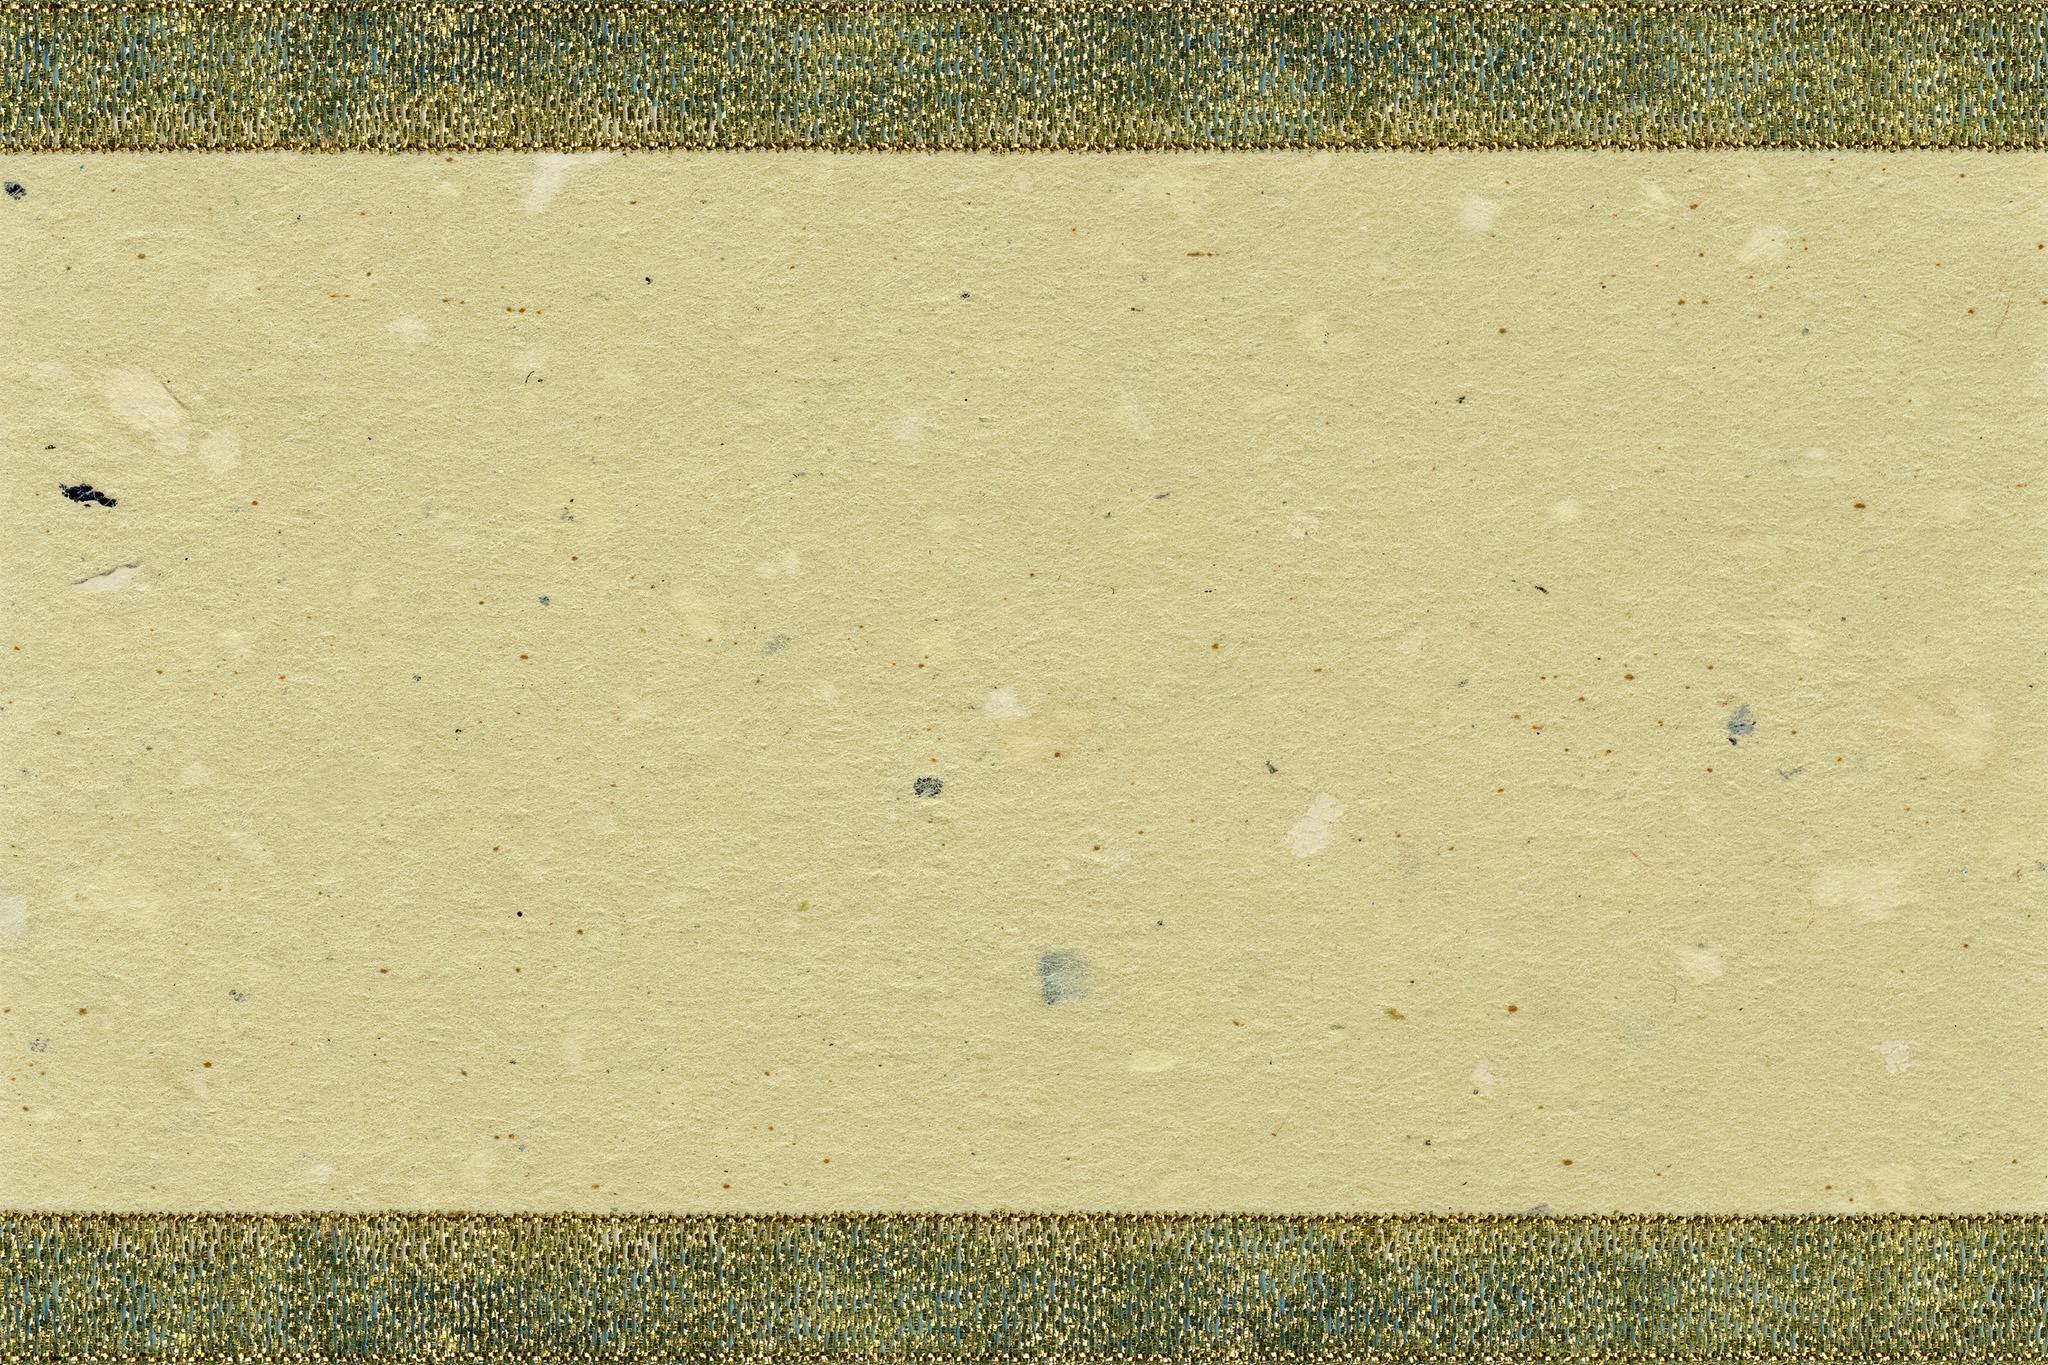 「和風のフレーム枠」の背景を無料ダウンロード